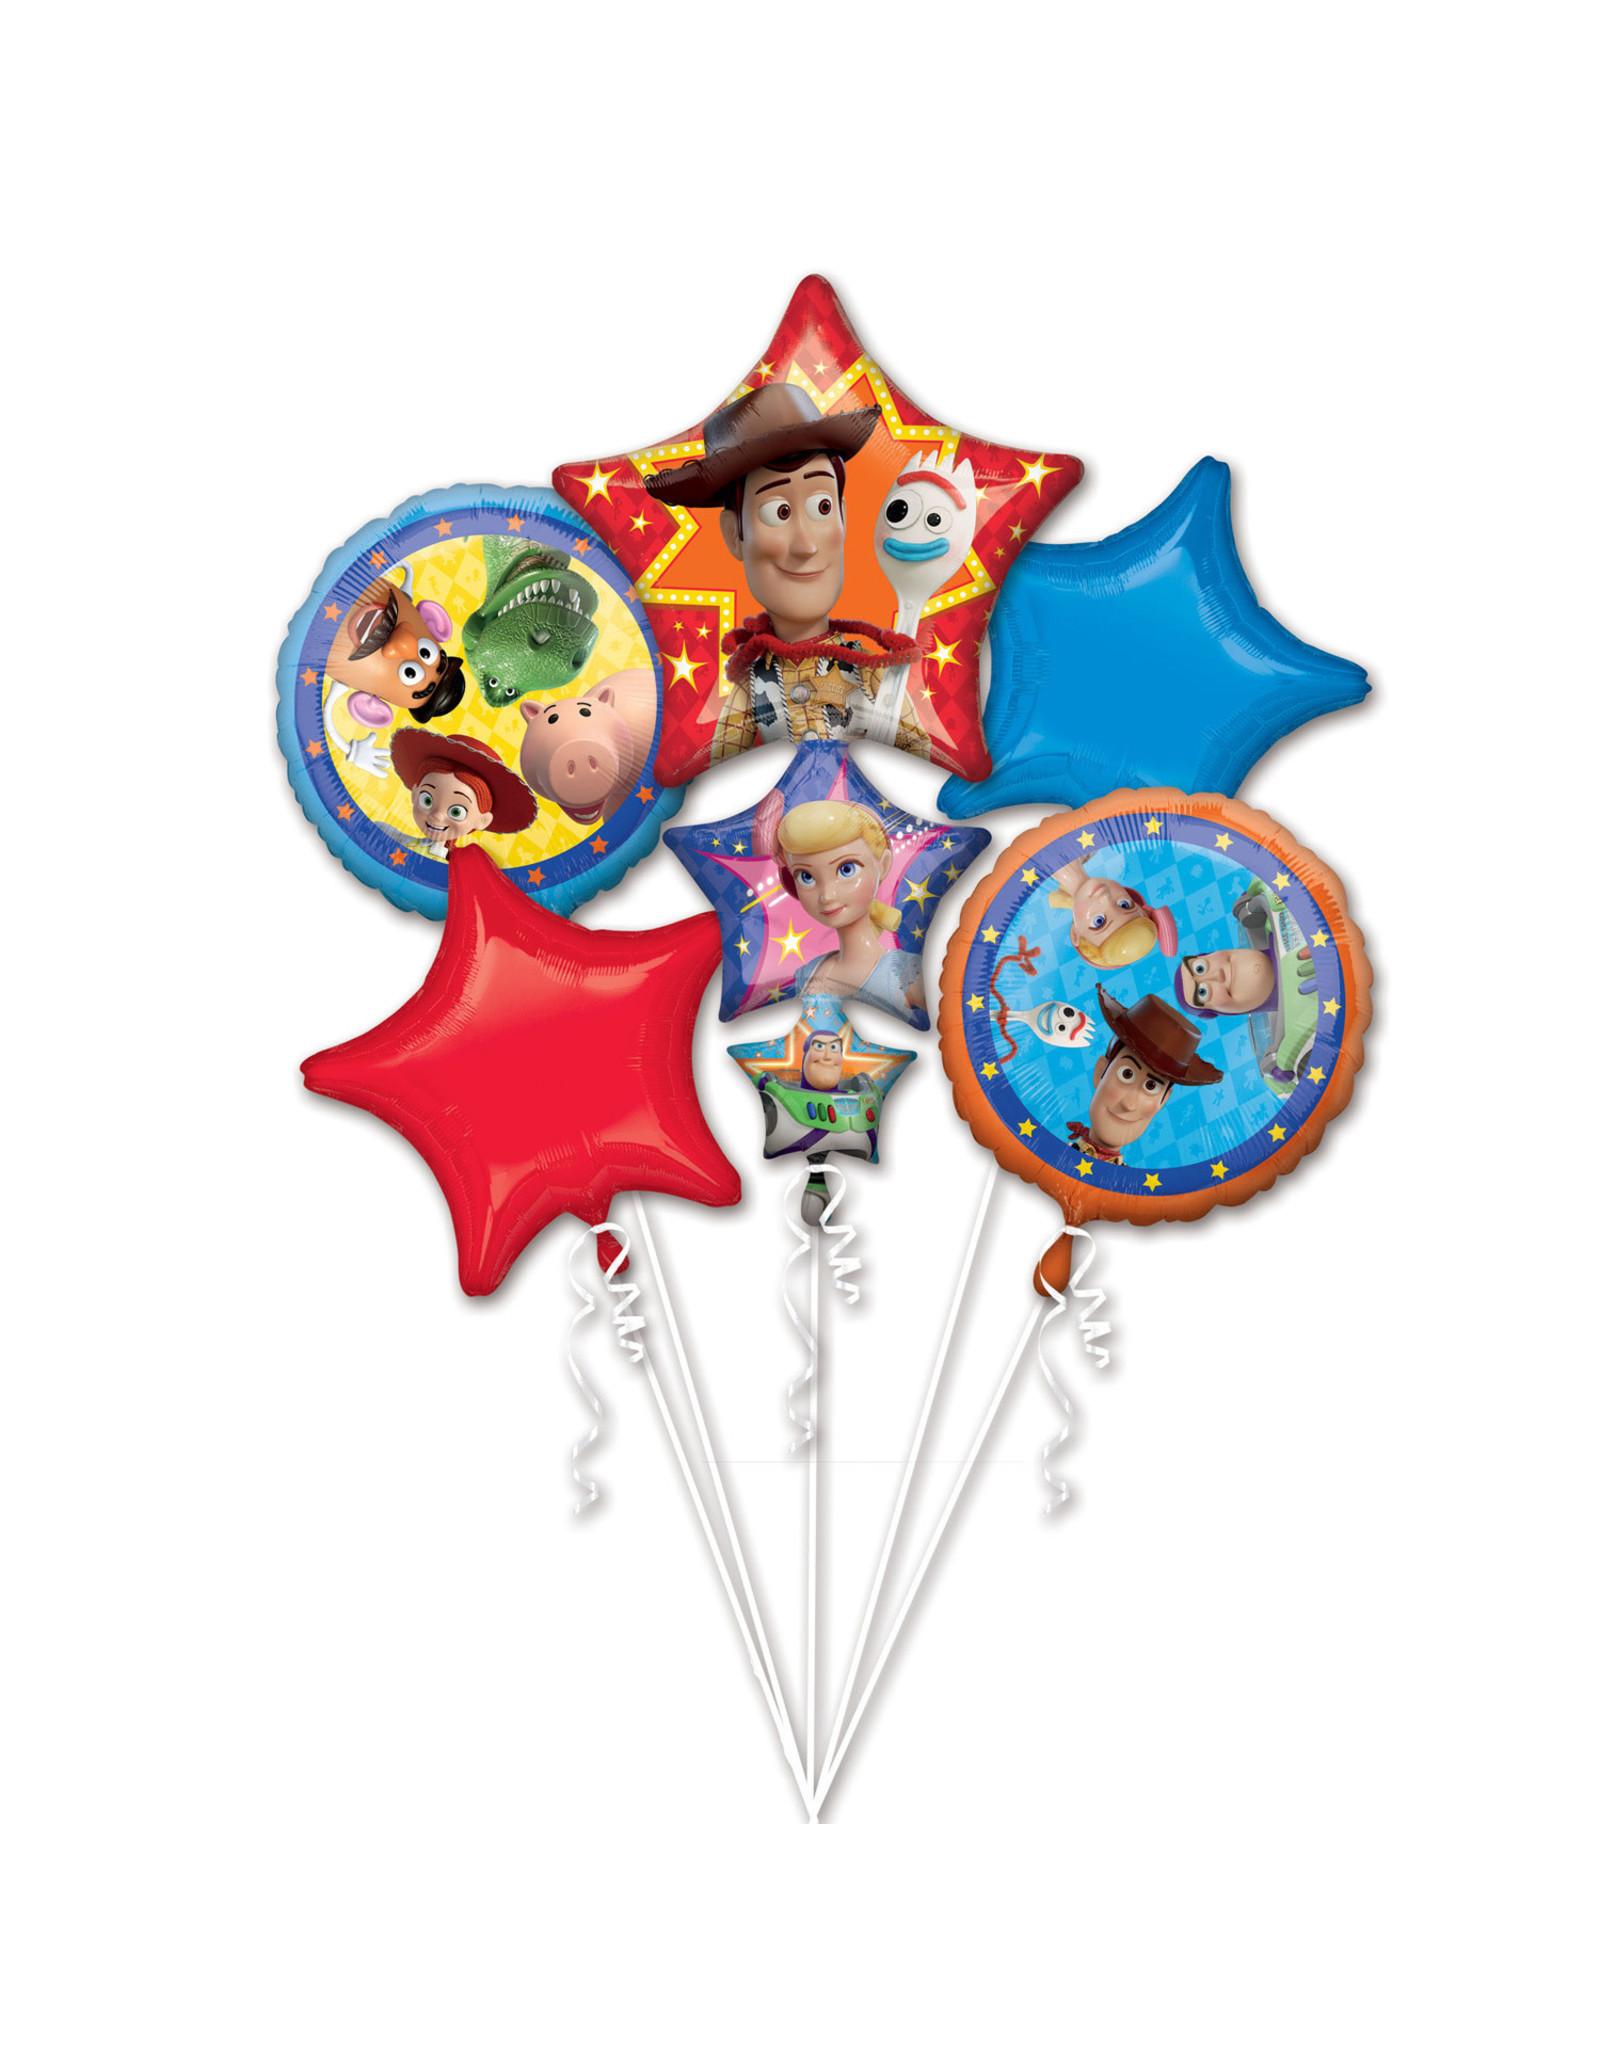 Amscan folieballonpakket toy story 5-delig